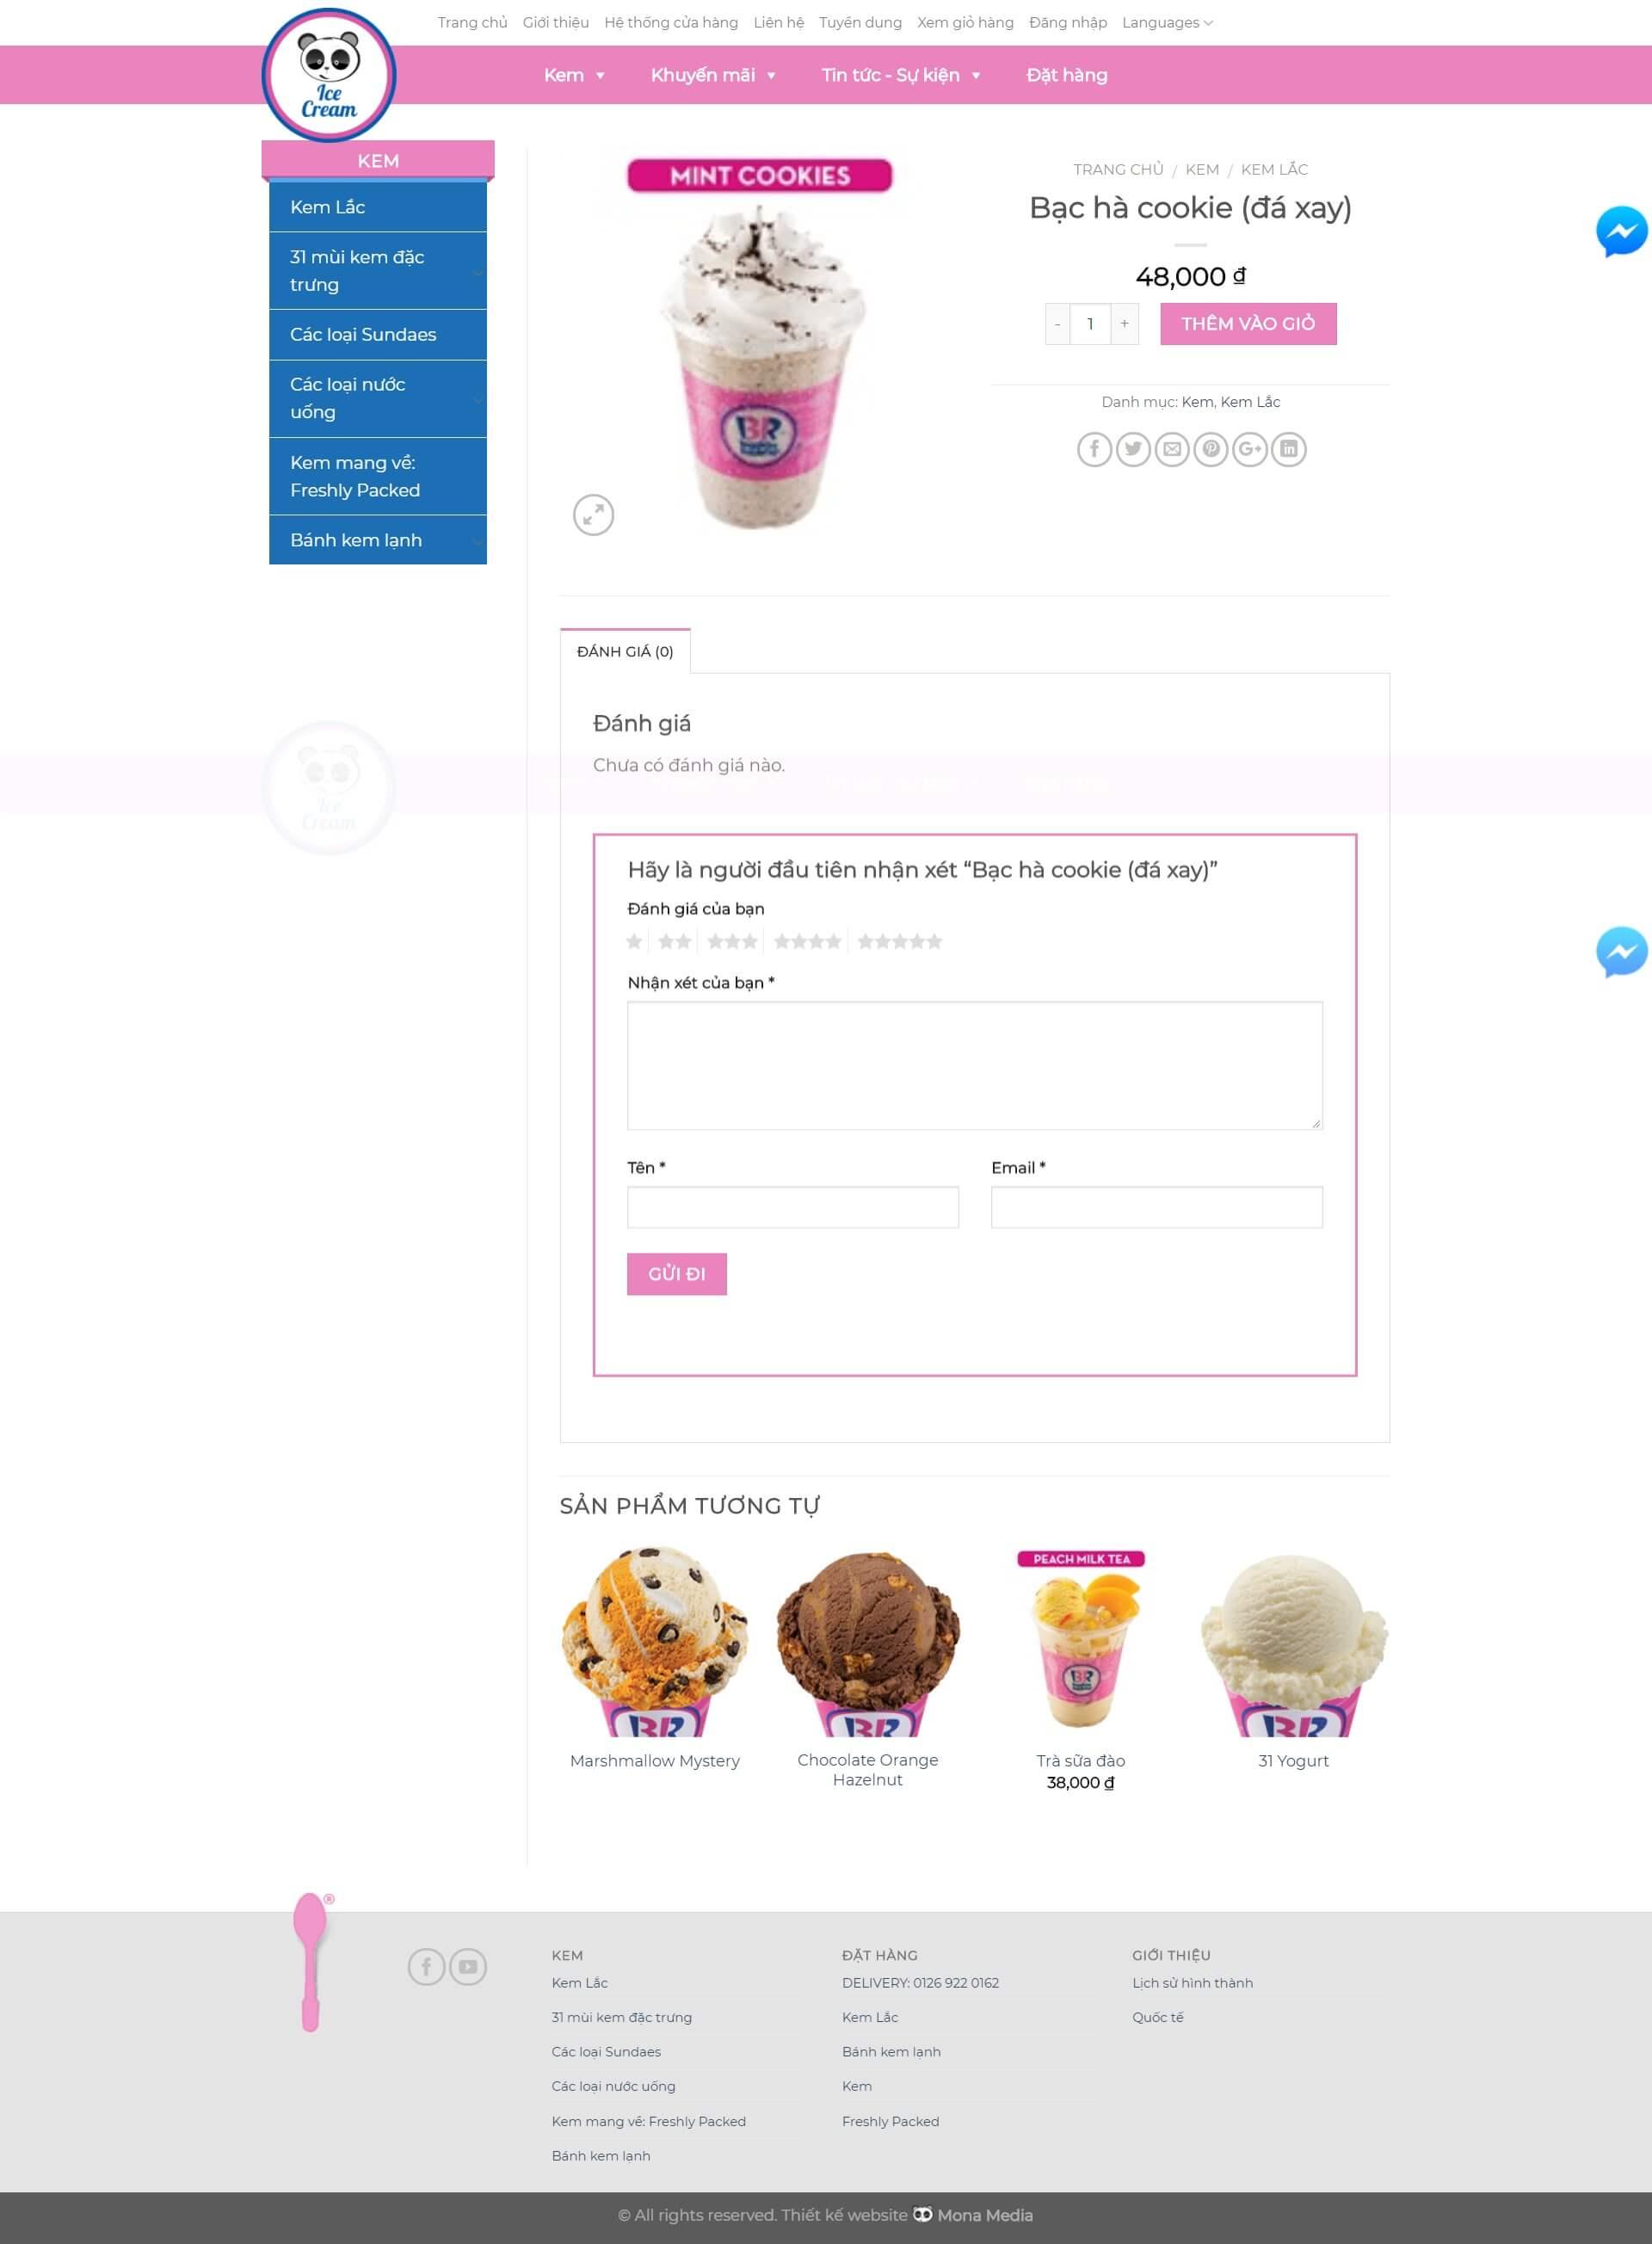 Chức năng đặt hàng online, thanh toán trực tuyến